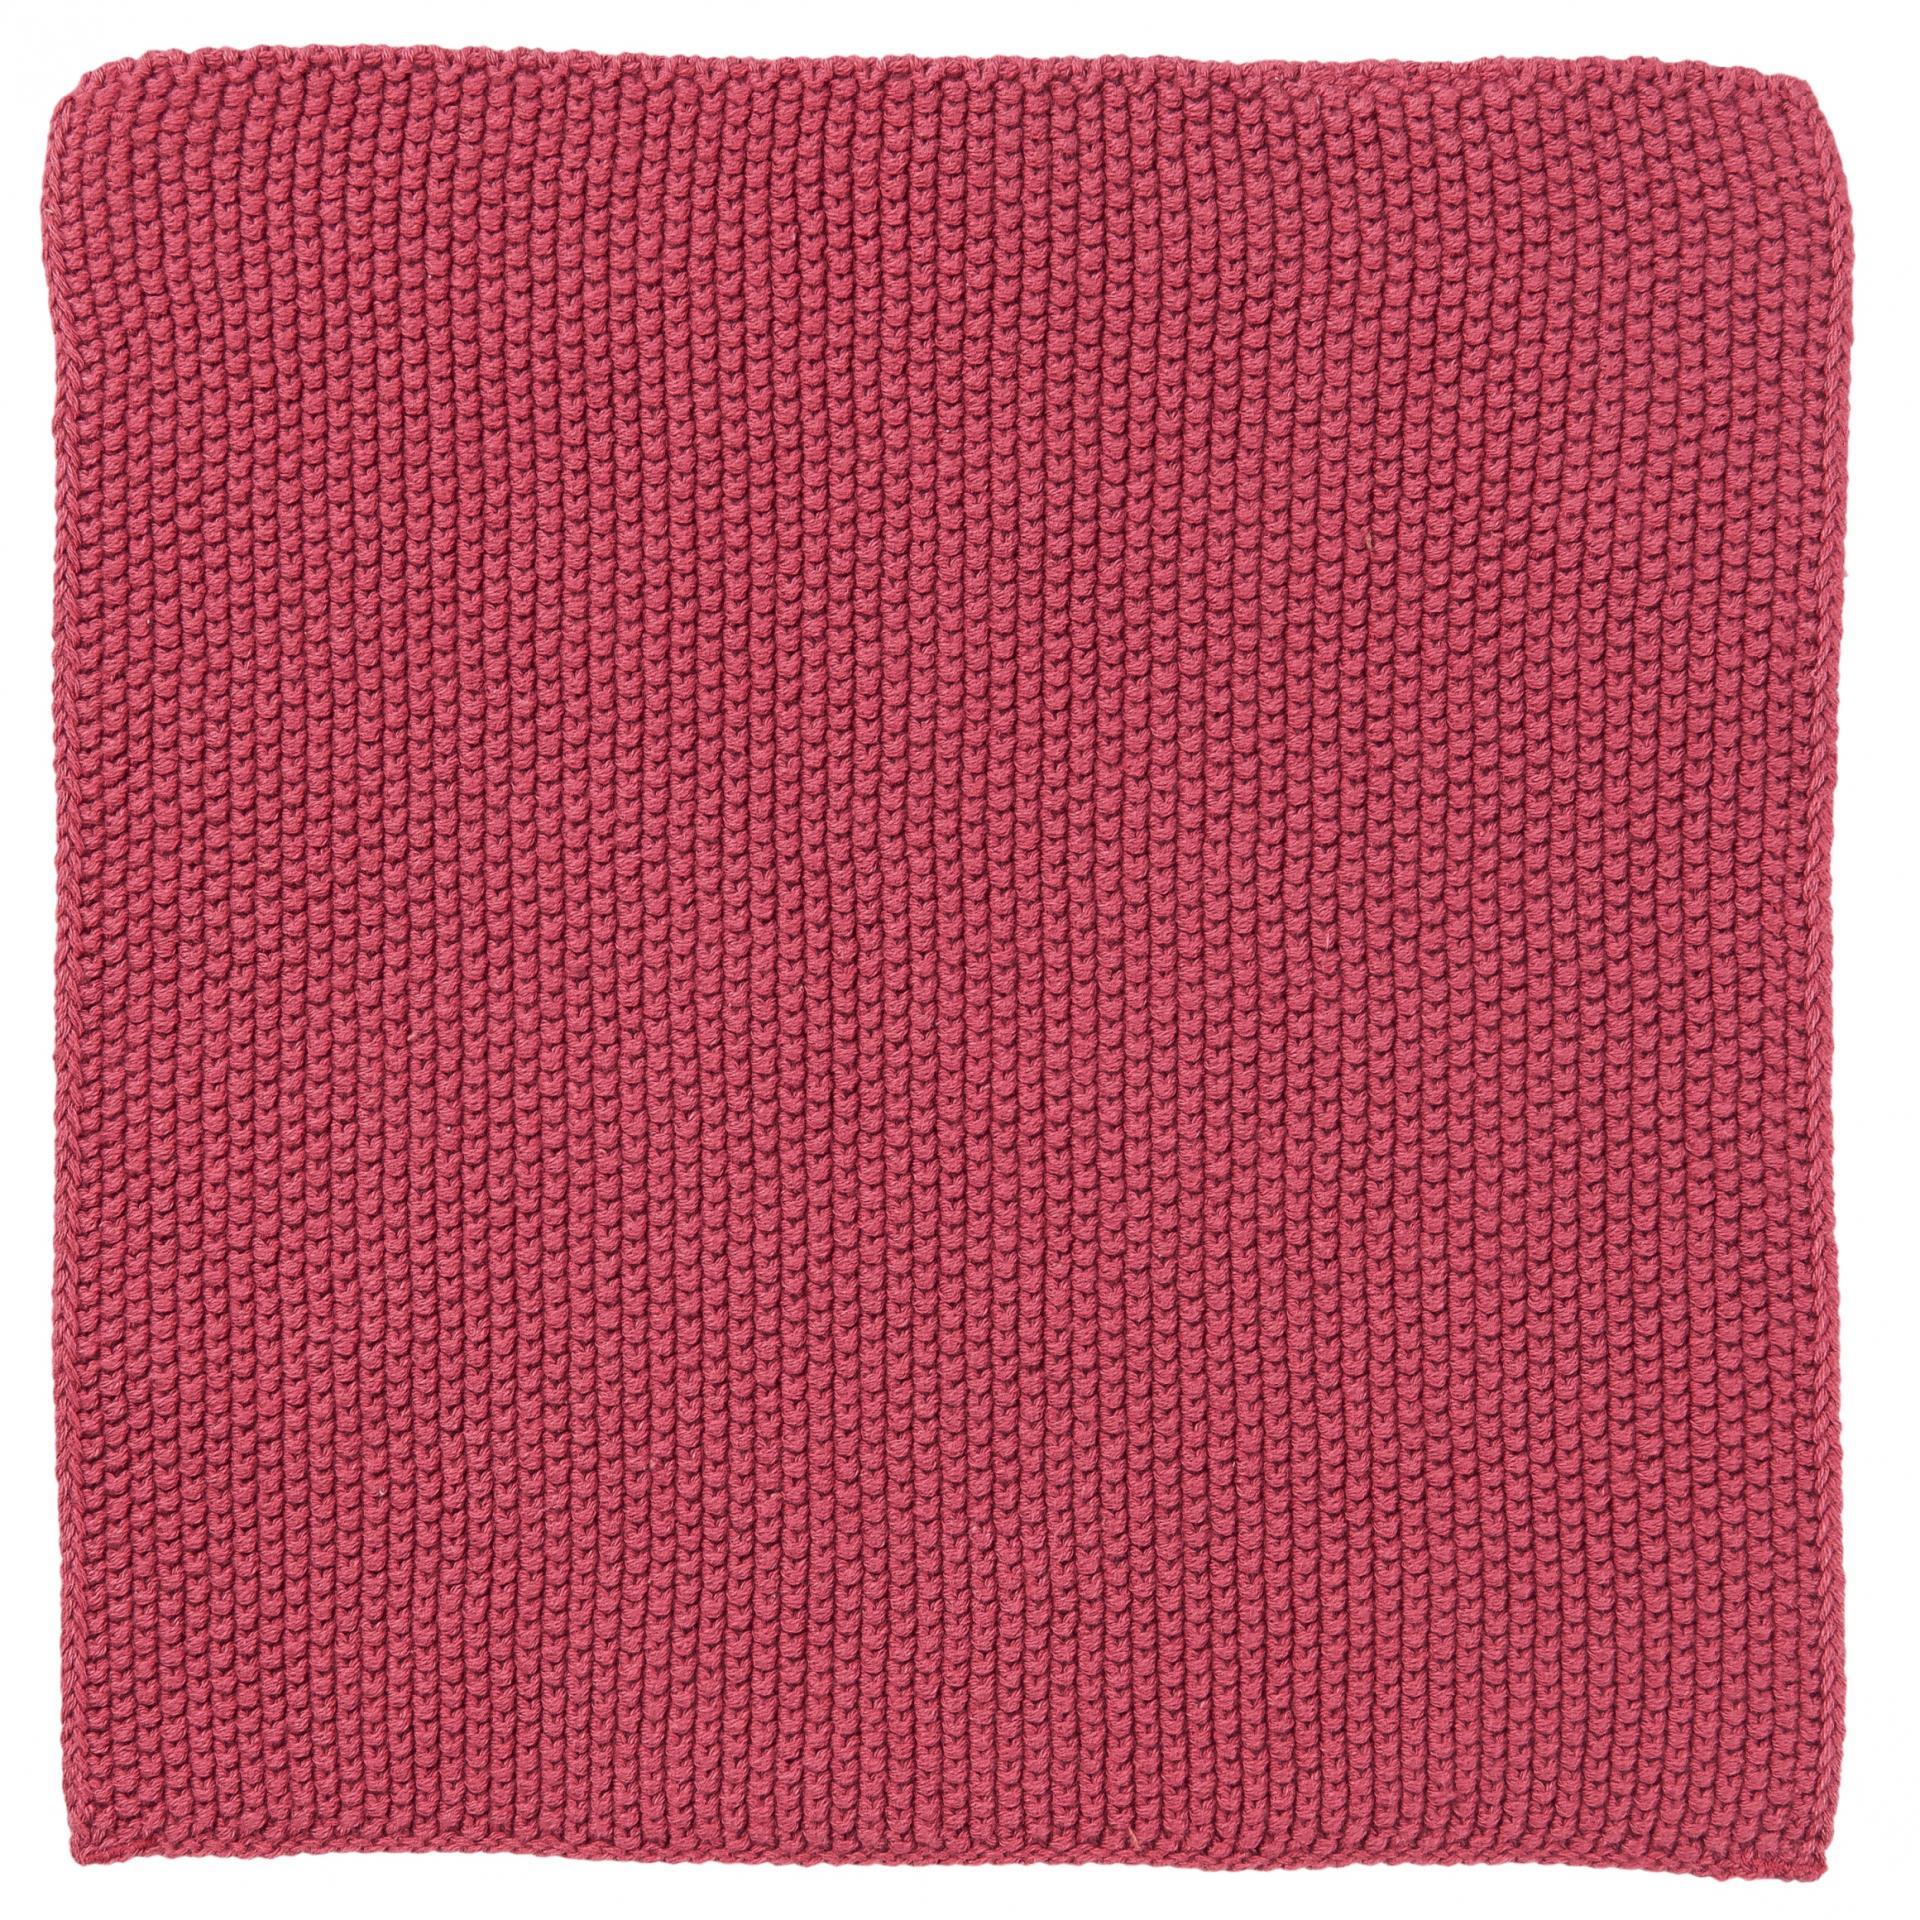 IB LAURSEN Pletený hadřík Mynte Blackberry Parfait, růžová barva, textil